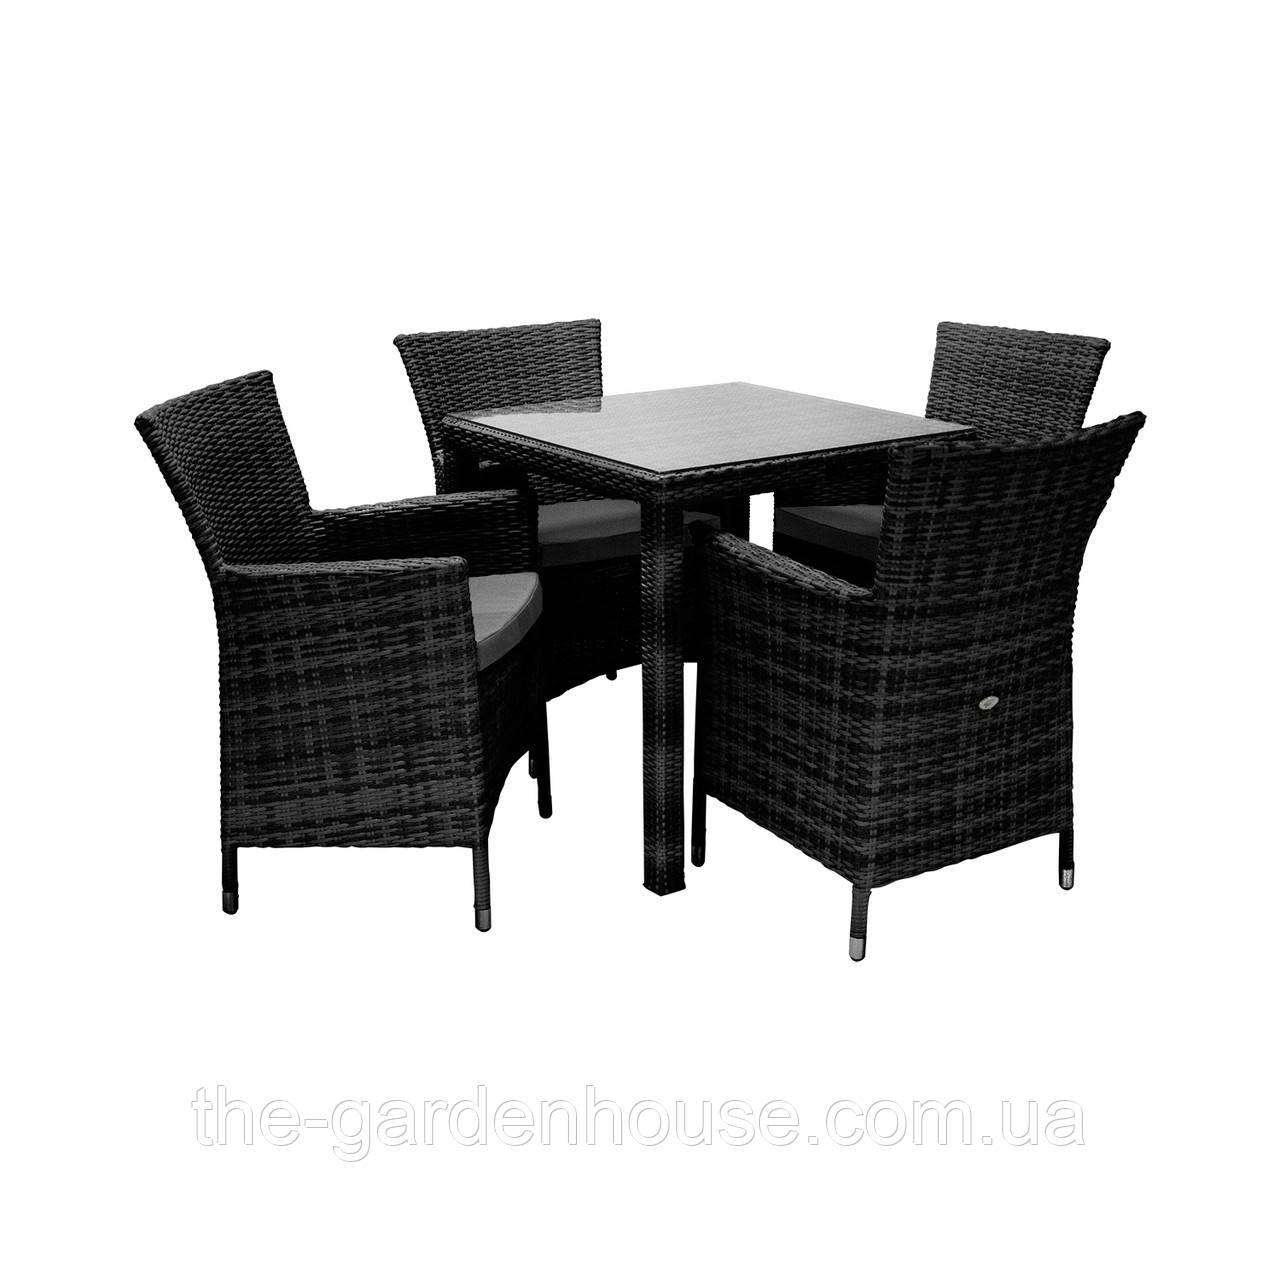 Столовый набор садовой мебели WICKER из искусственного ротанга черный, фото 1